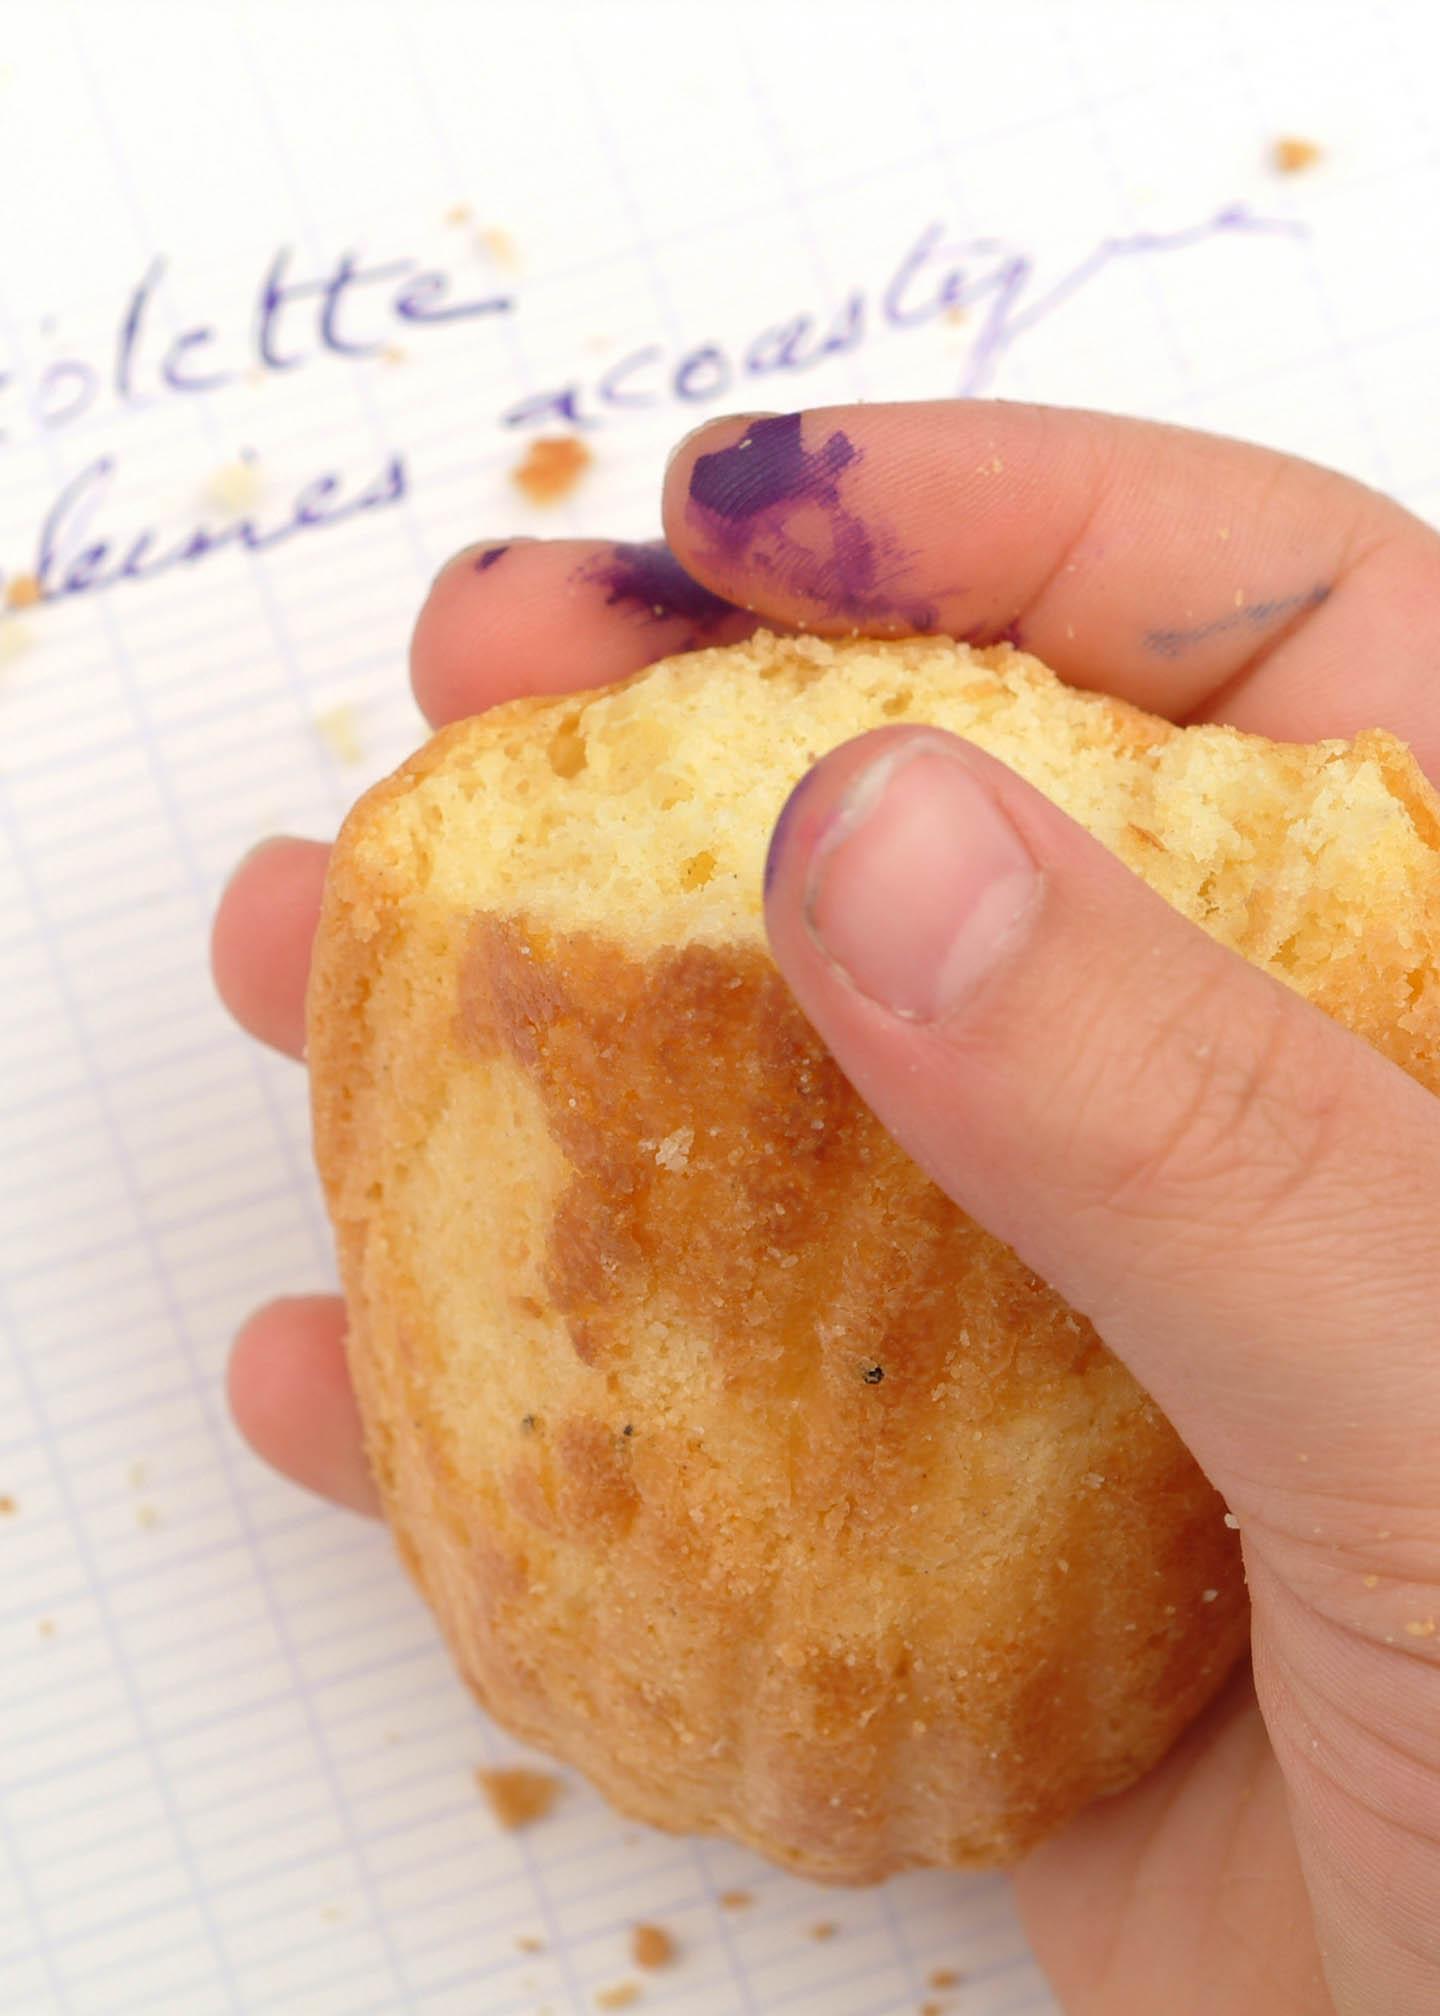 Etude violette aux madeleines acoustique